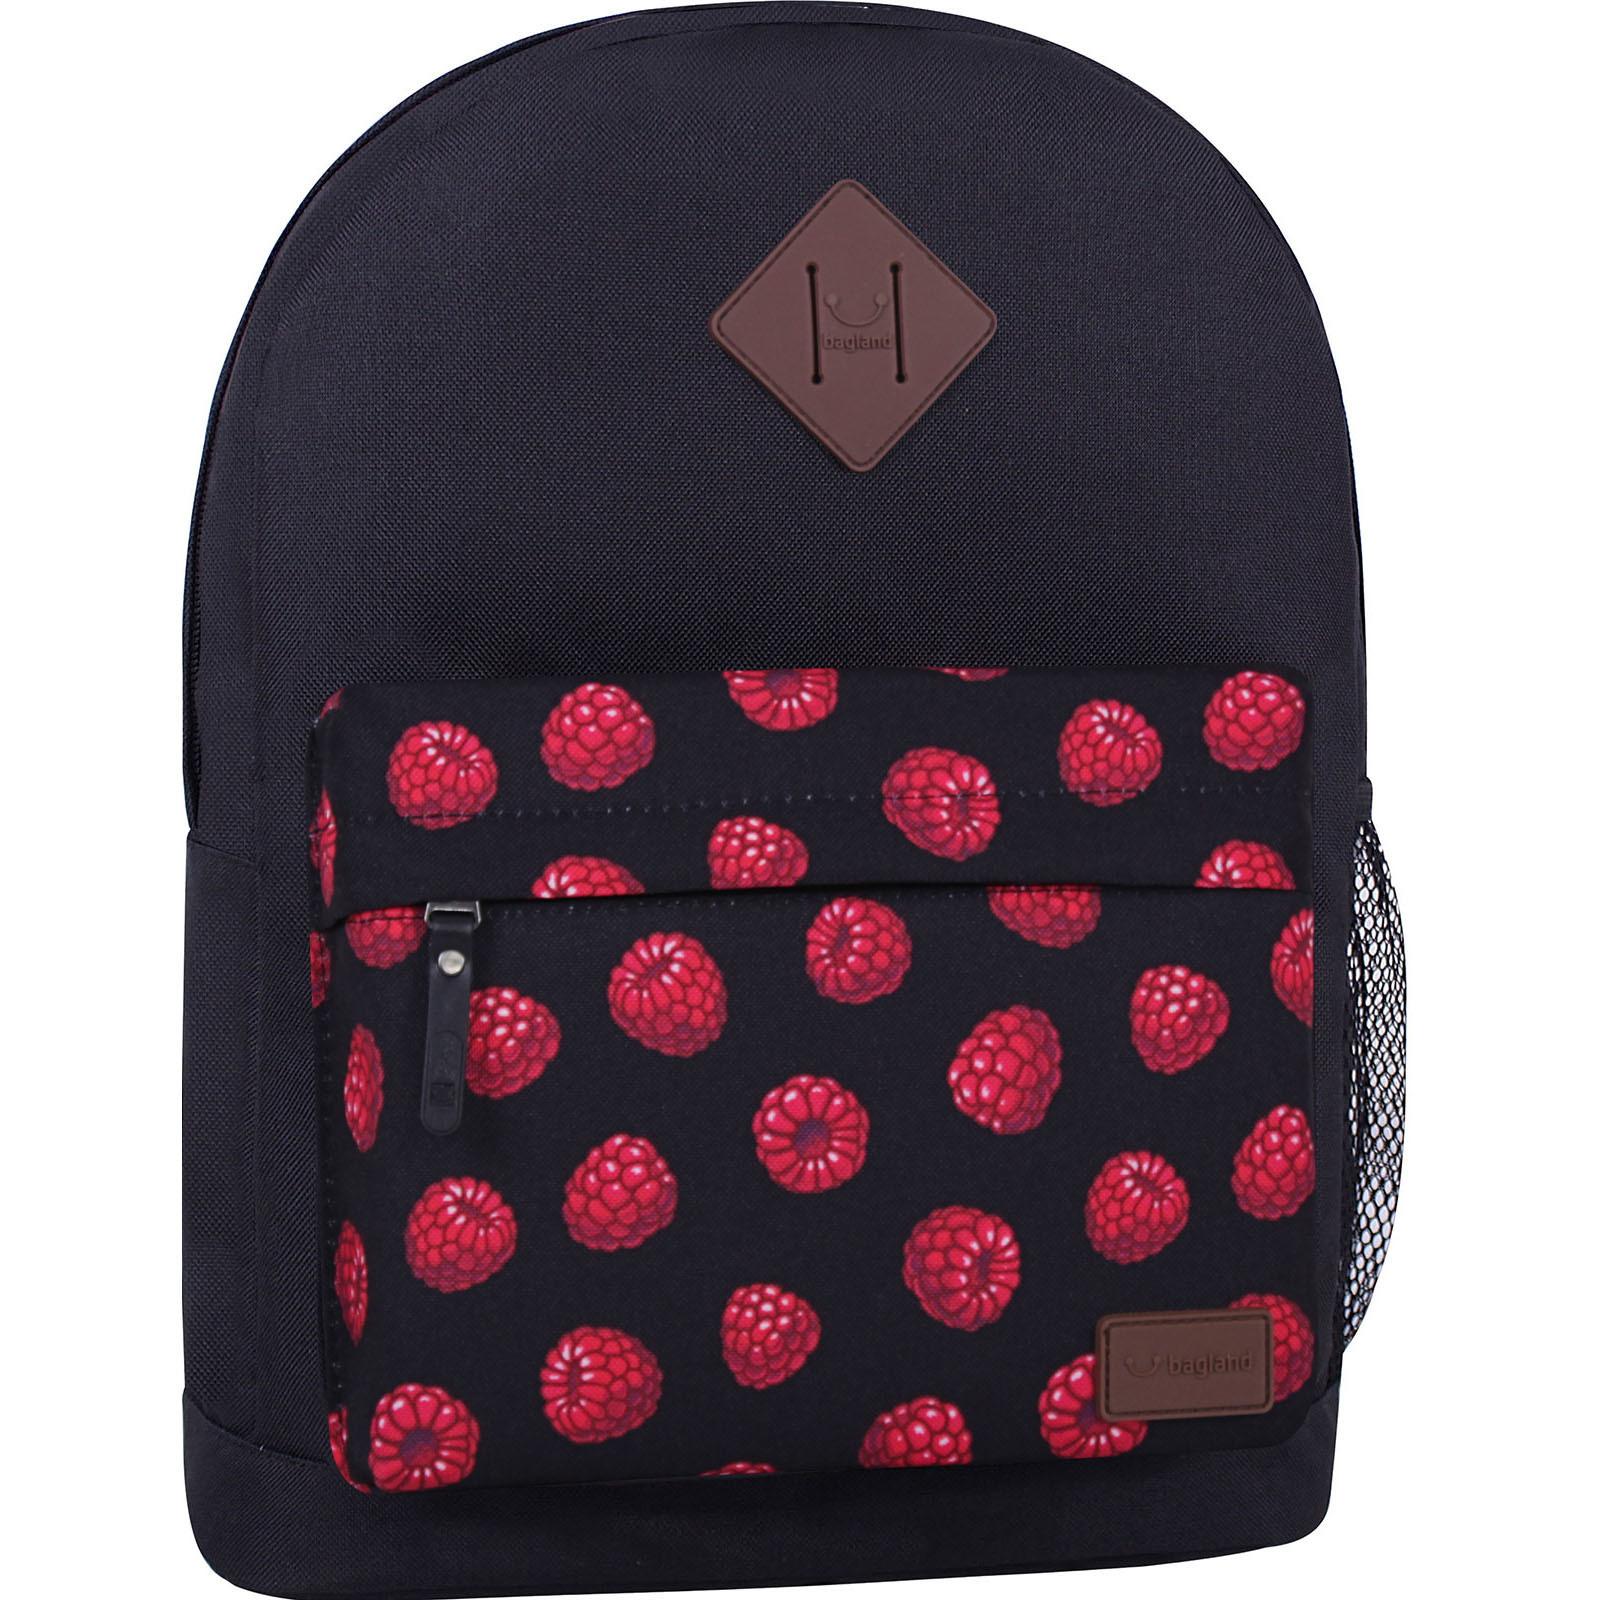 Молодежные рюкзаки Рюкзак Bagland Молодежный W/R 17 л. Чёрный 761 (00533662) IMG_7263_суб.761_-1600.jpg